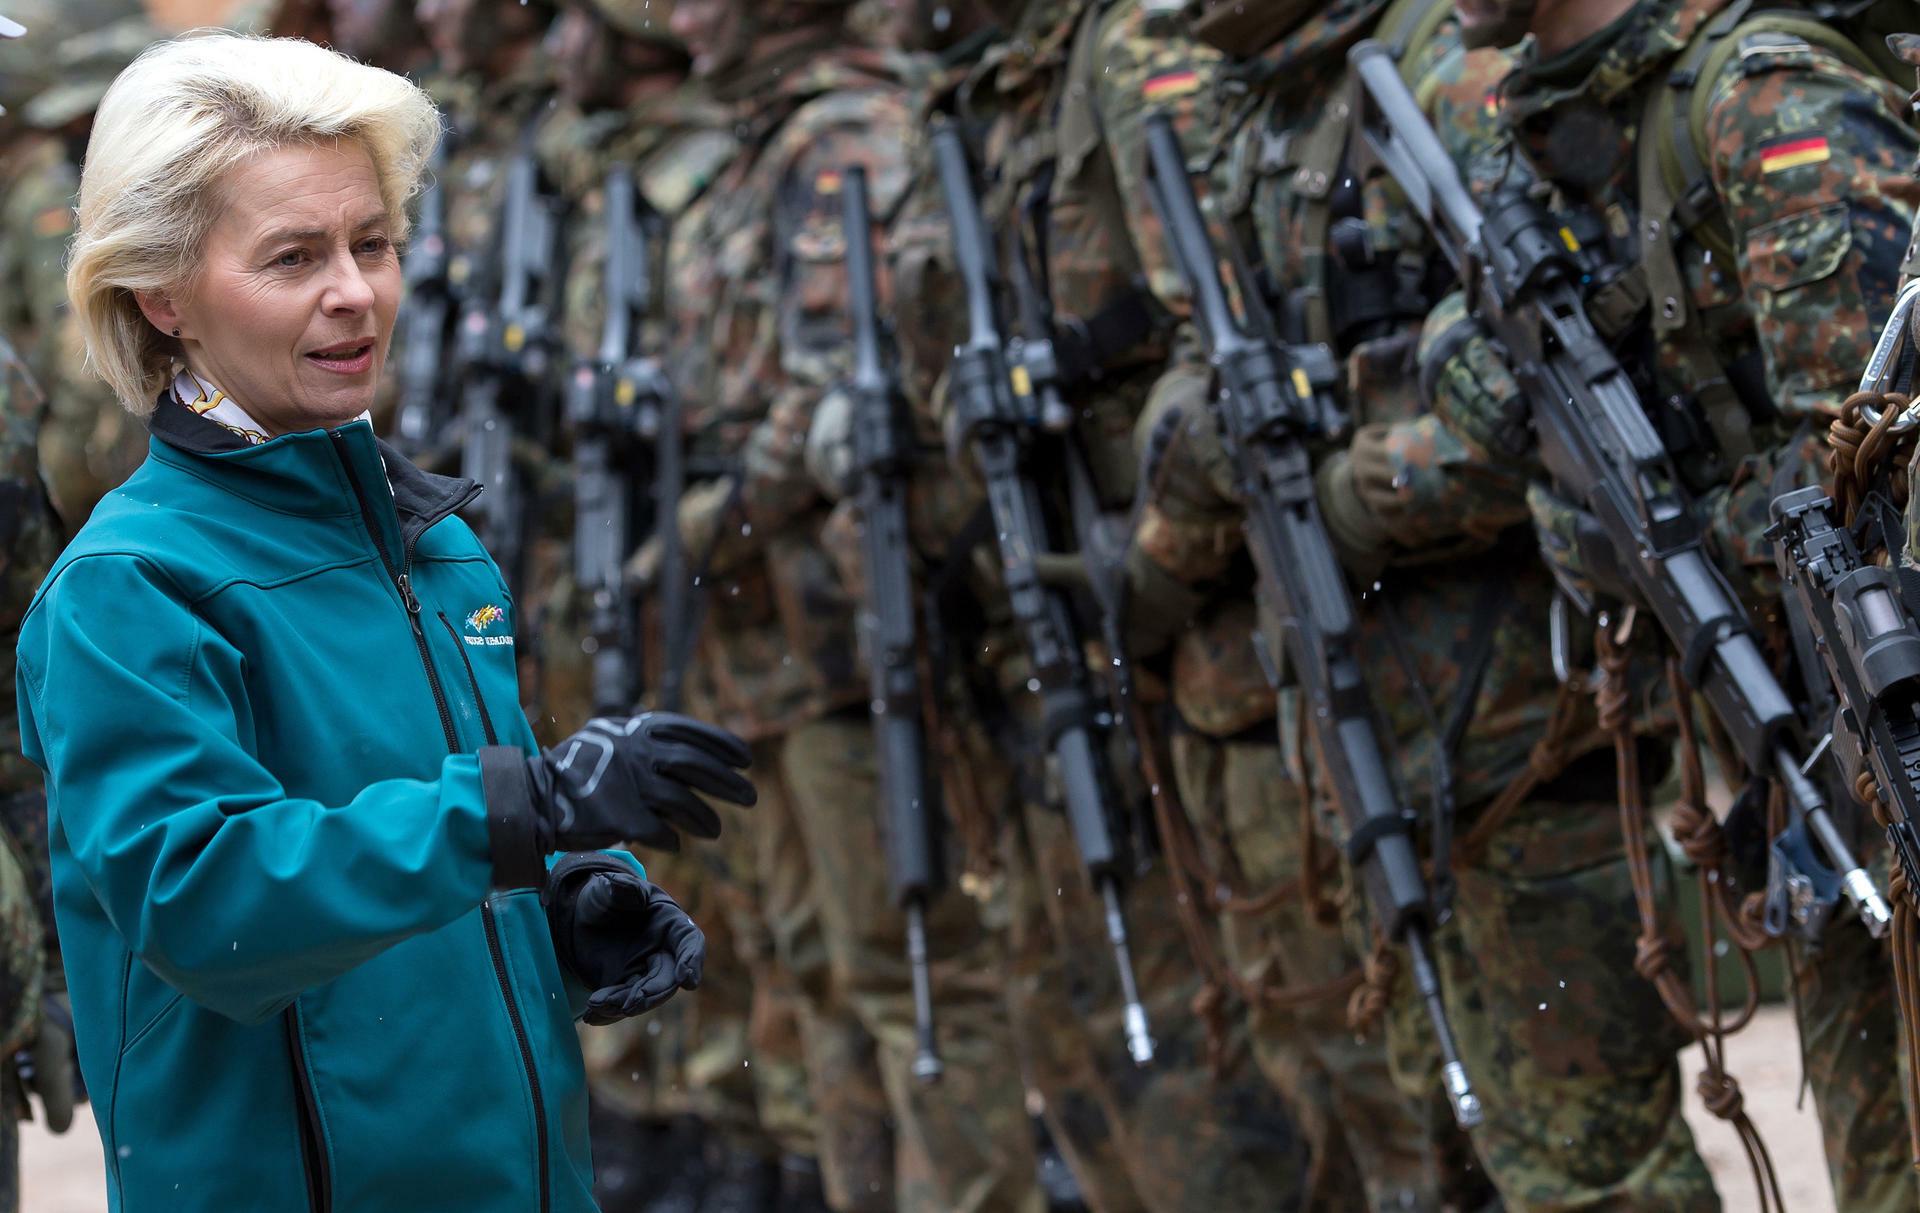 Jahrelang stritt die Verteidigungsministerin mit dem deutschen Waffenhersteller über die Treffsicherheit des Sturmgewehrs. Nun ist es vorbei. Quelle: dpa